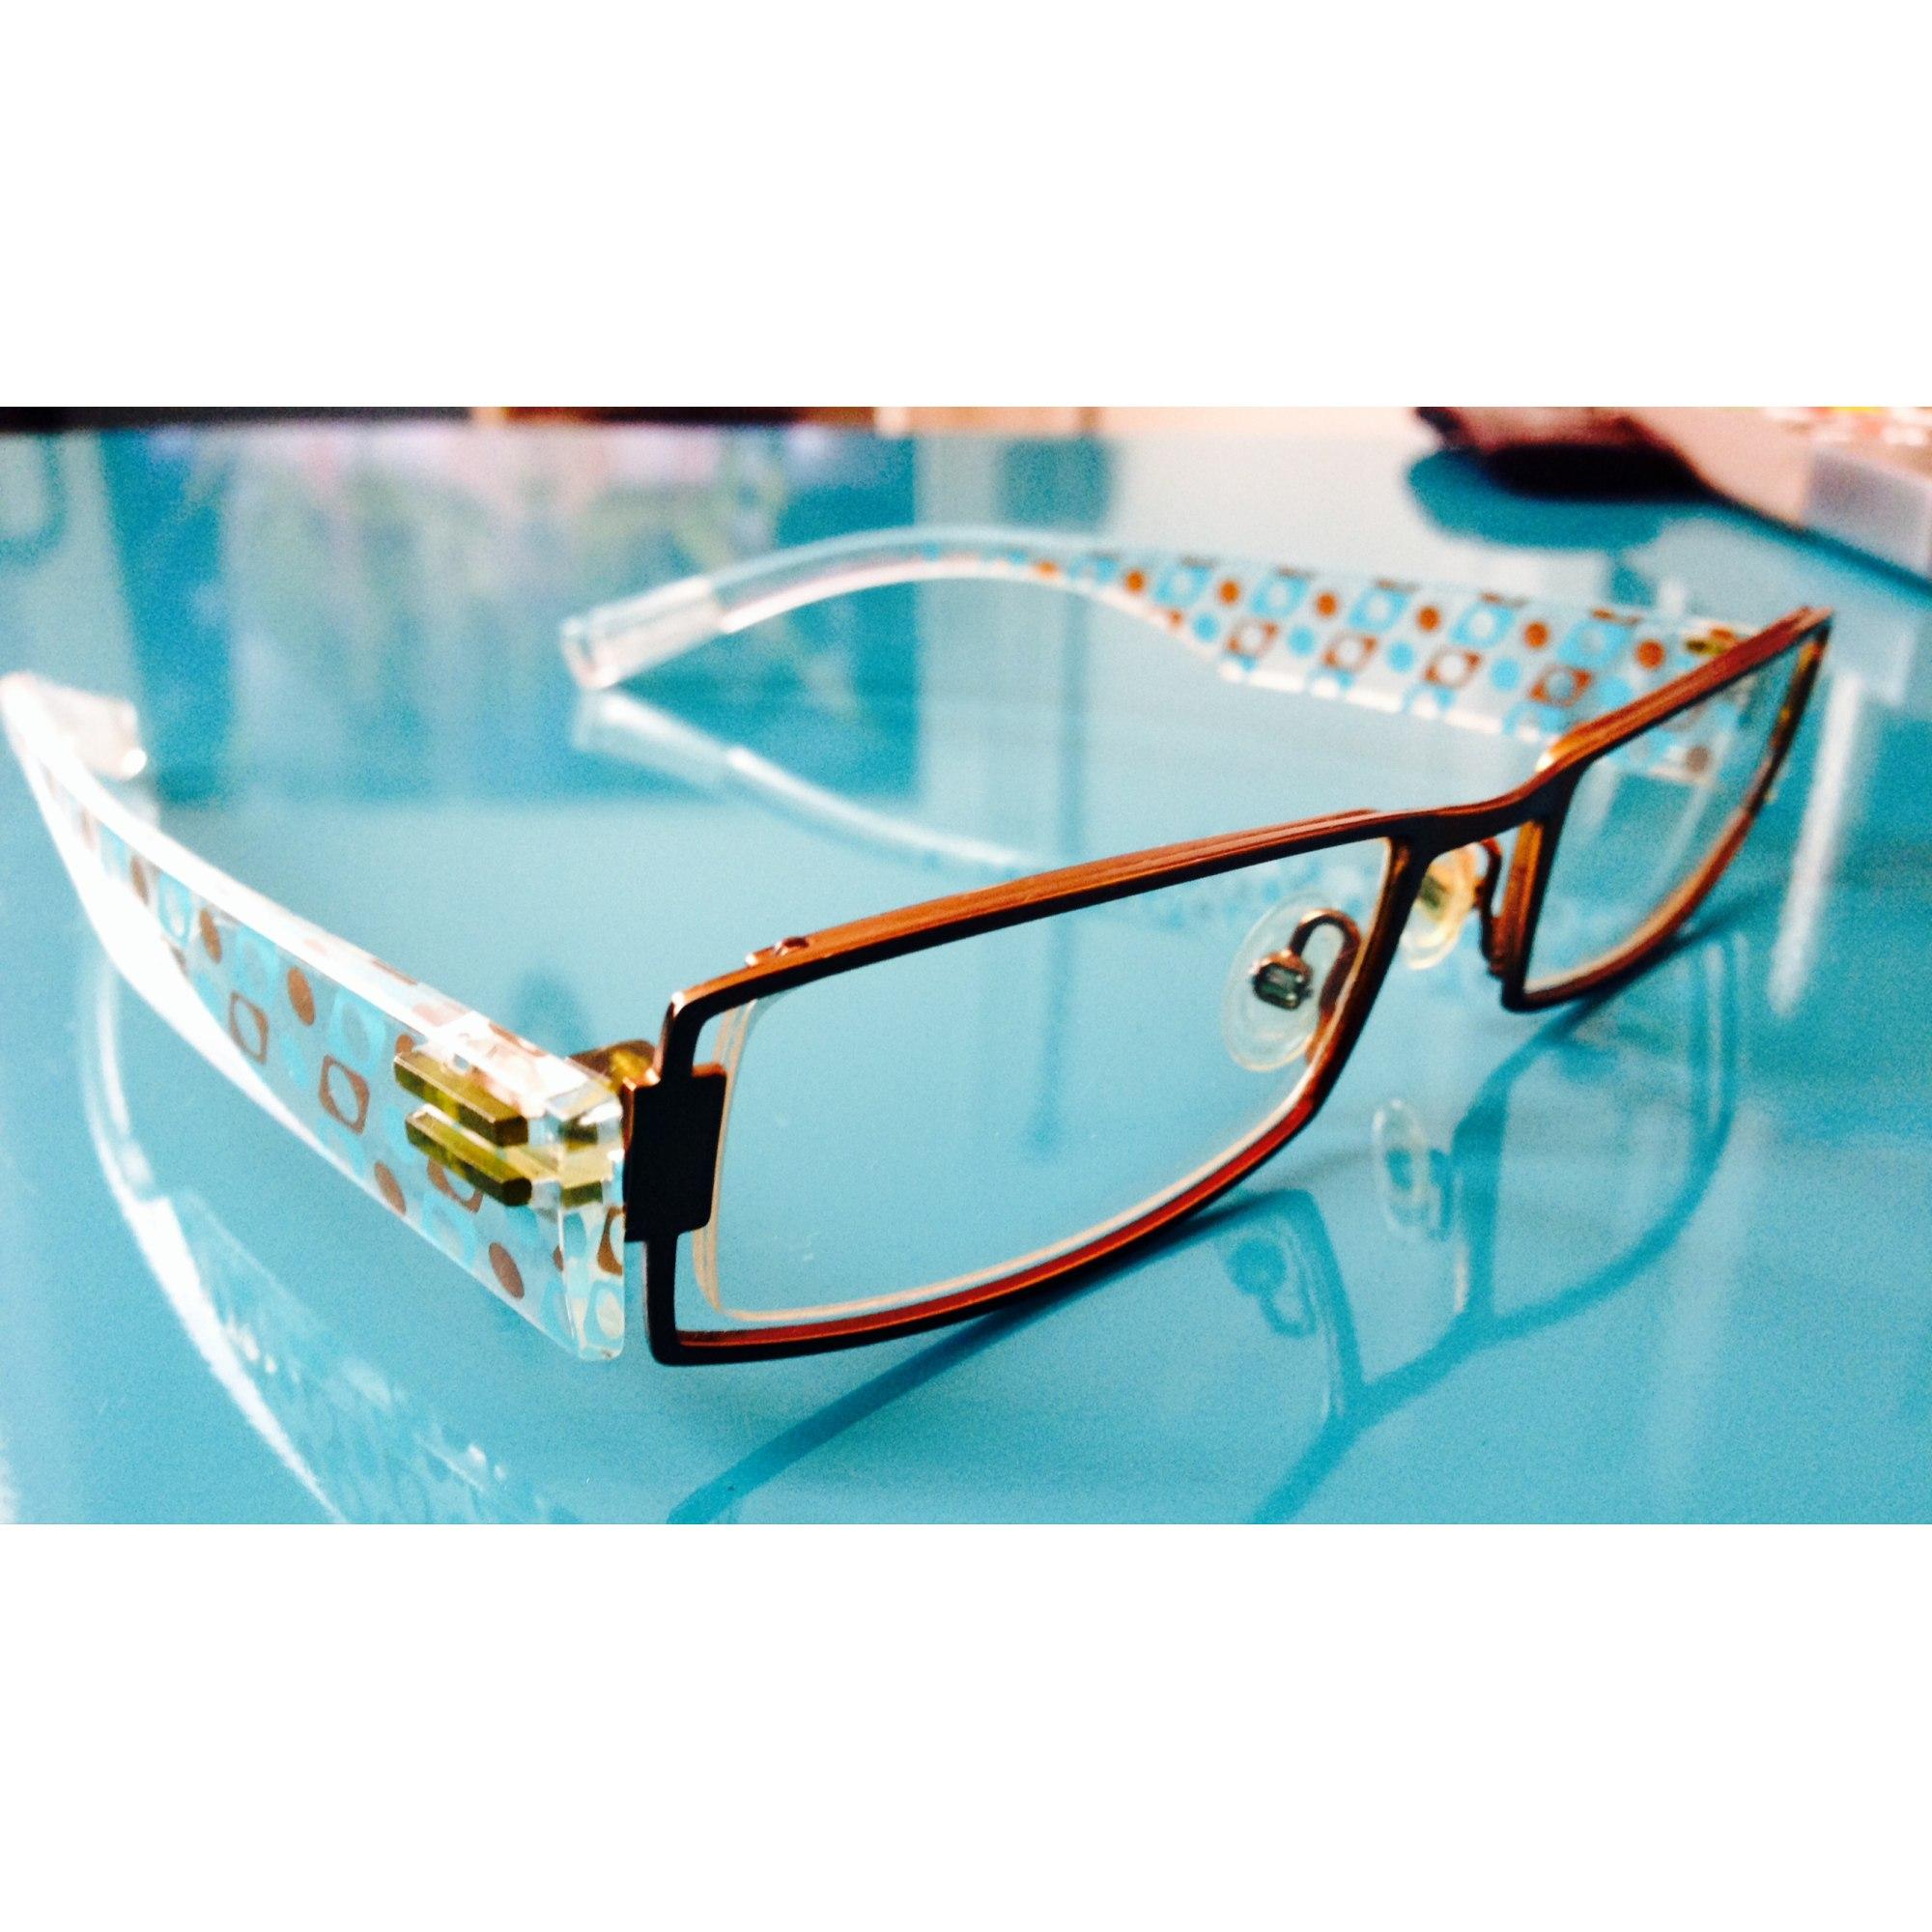 d8c8ba8eba0e6 Monture de lunettes DILEM marron - 2216267